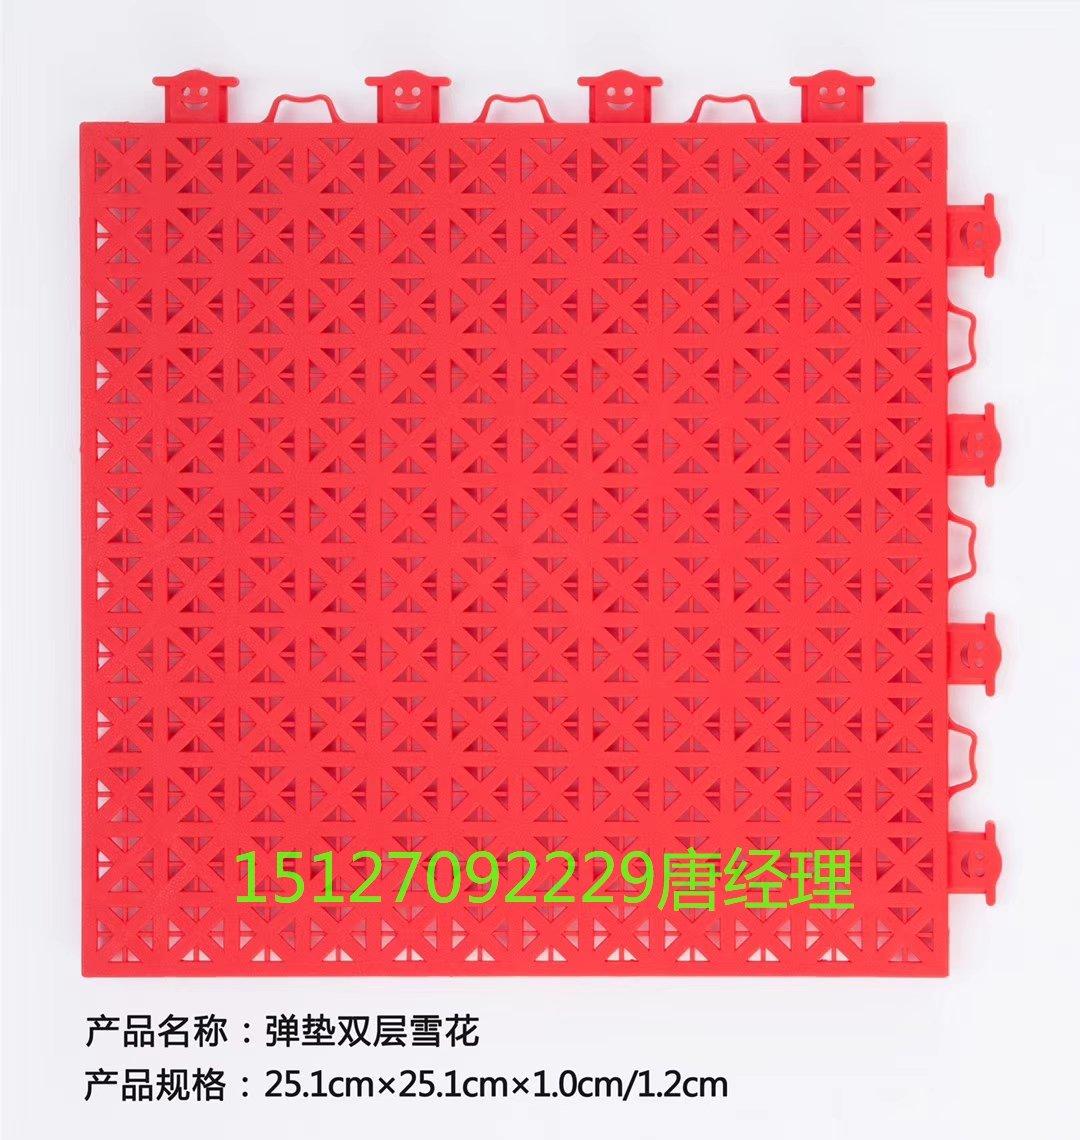 供应:四川复合型菱花安装拼装地板【石家庄@发货】